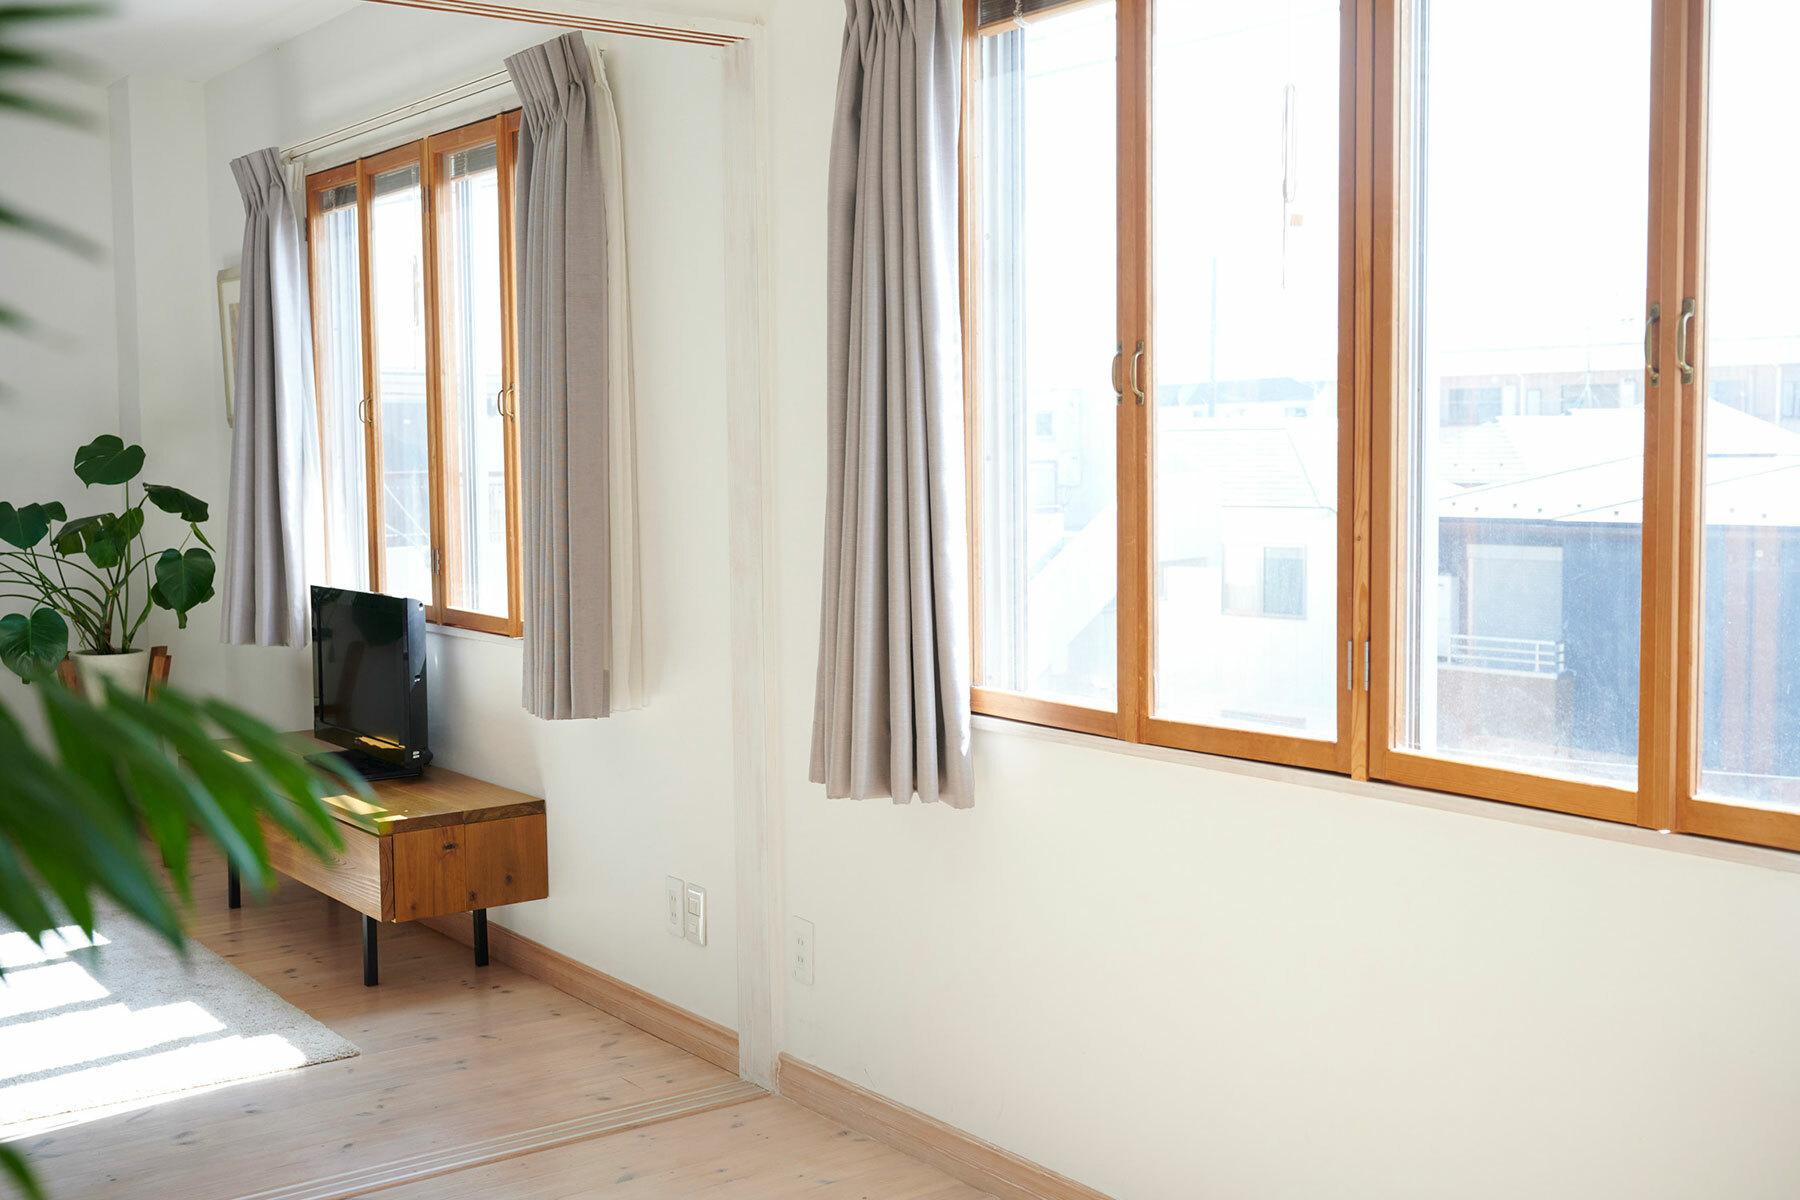 STUDIOFOGLIA HOME(3st)装飾に使いやすい飾り棚